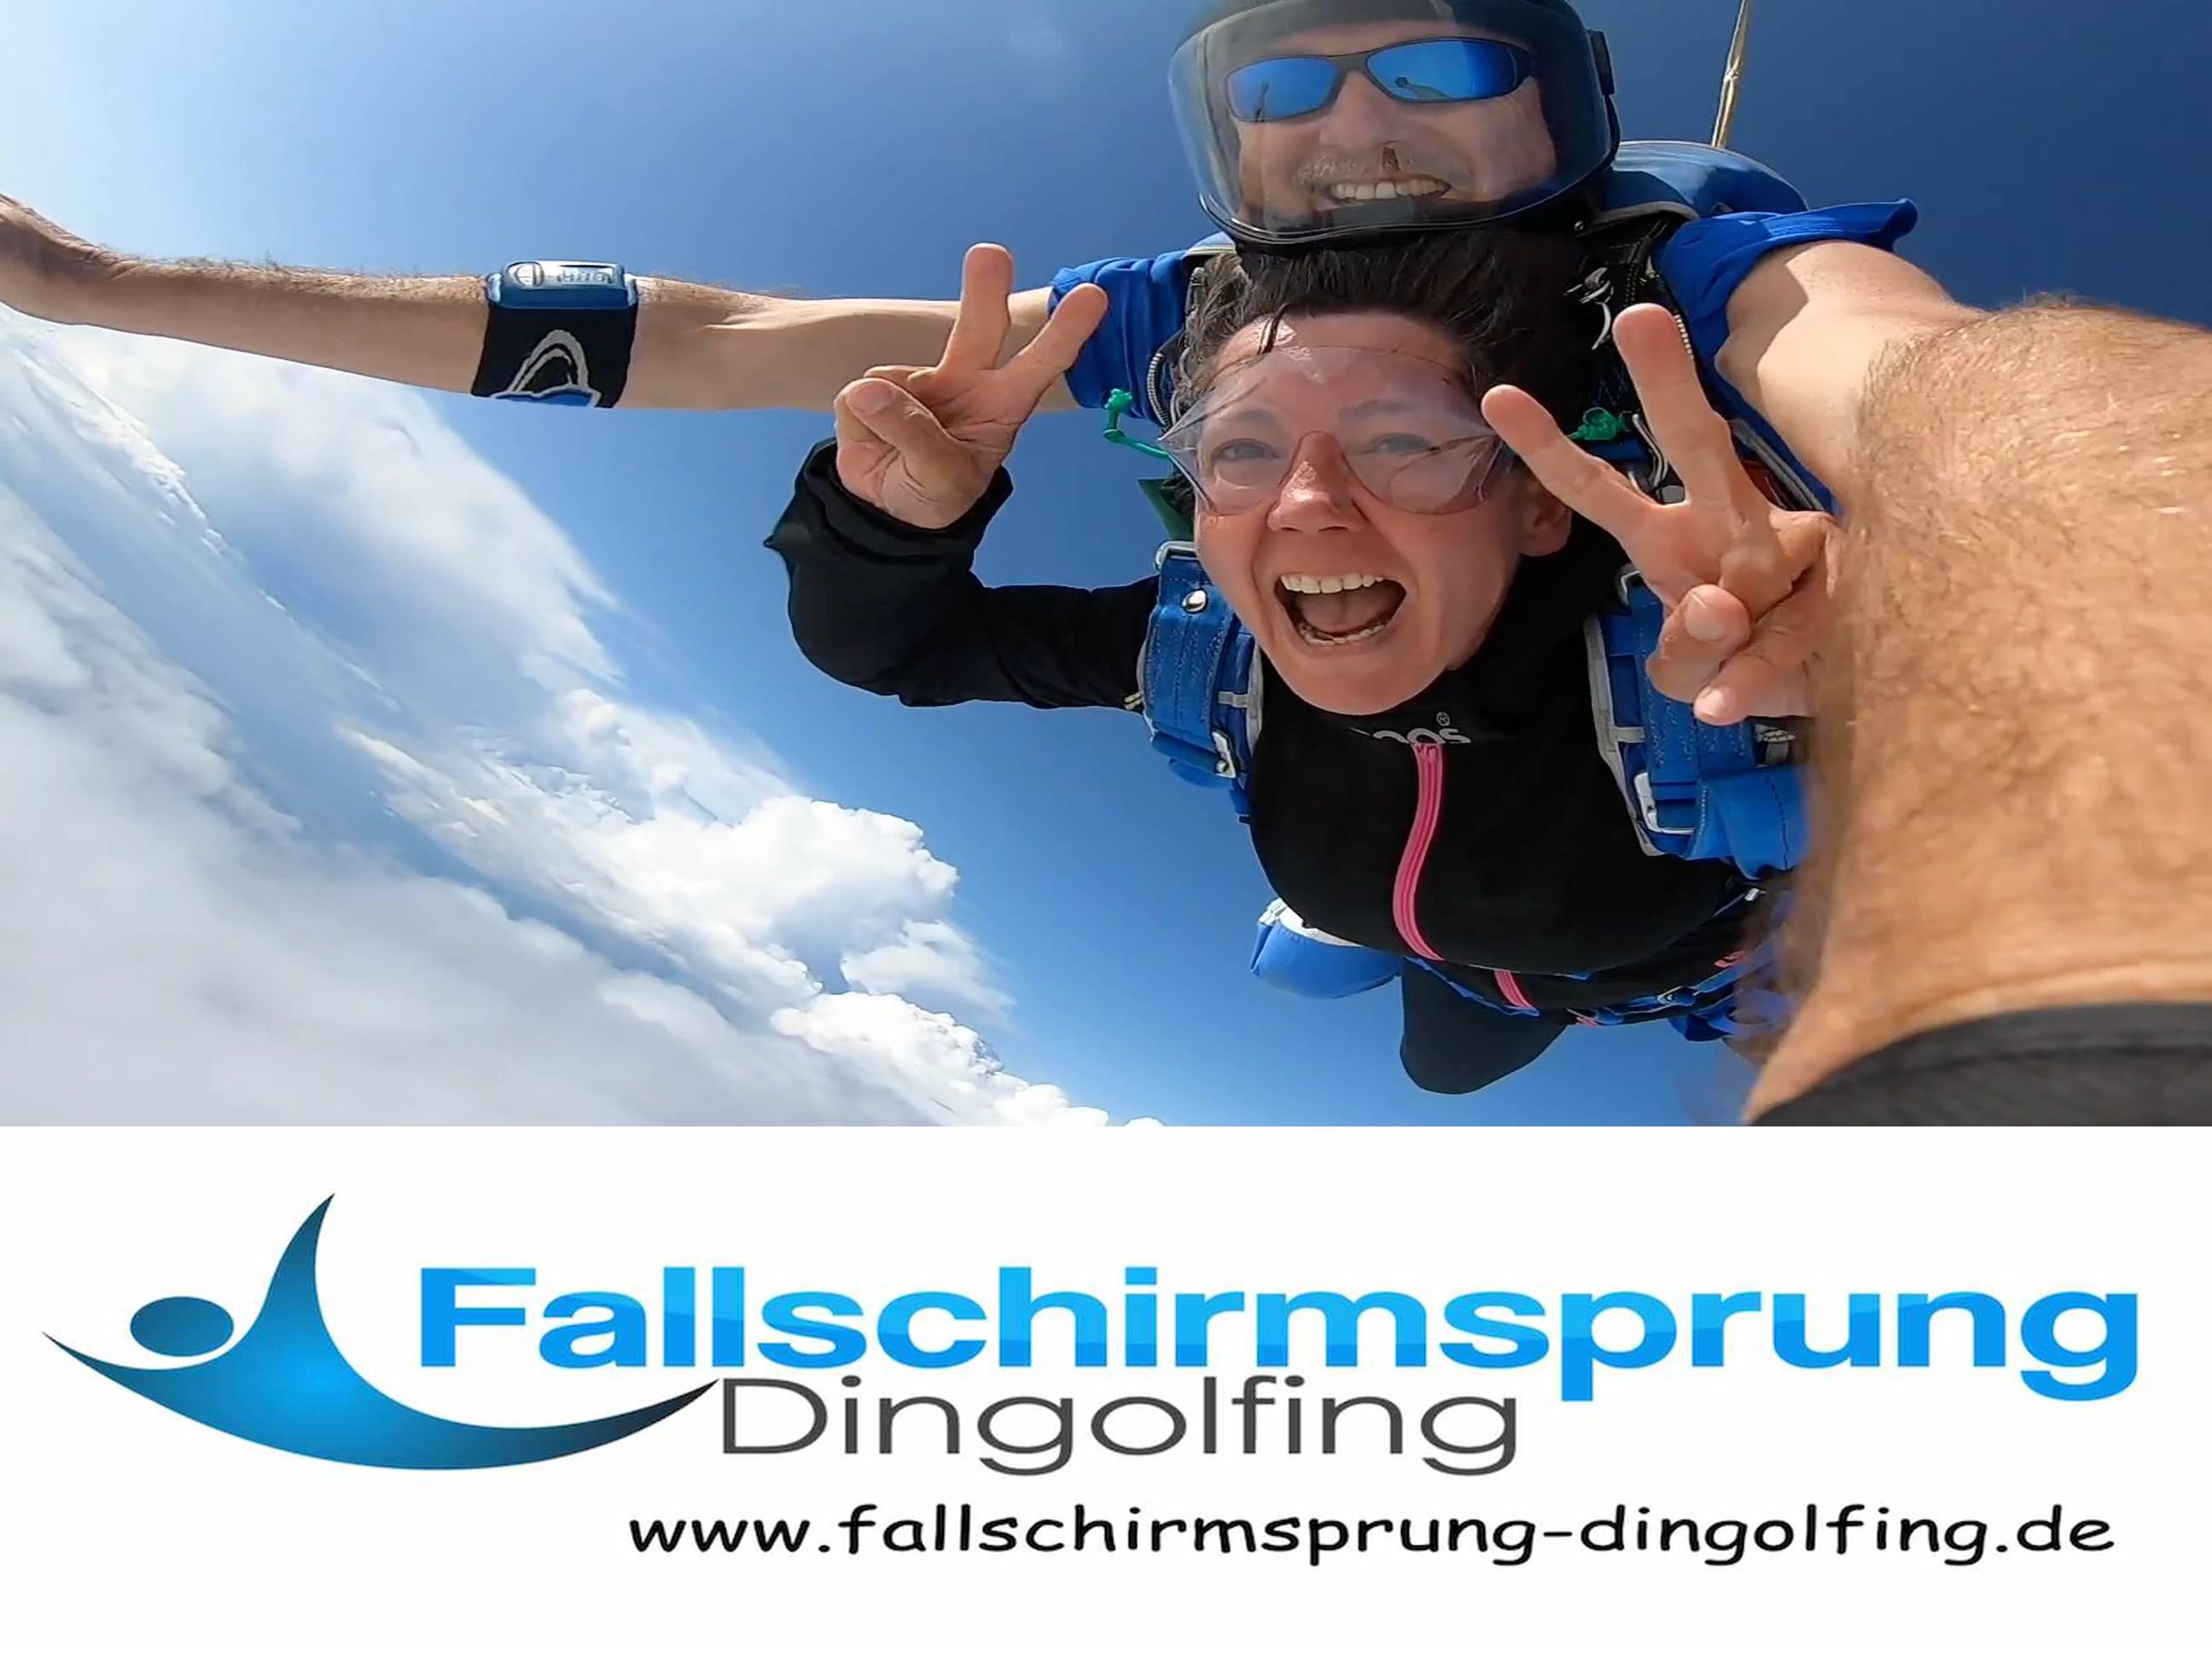 Dingolfing-Fallschirmsprung